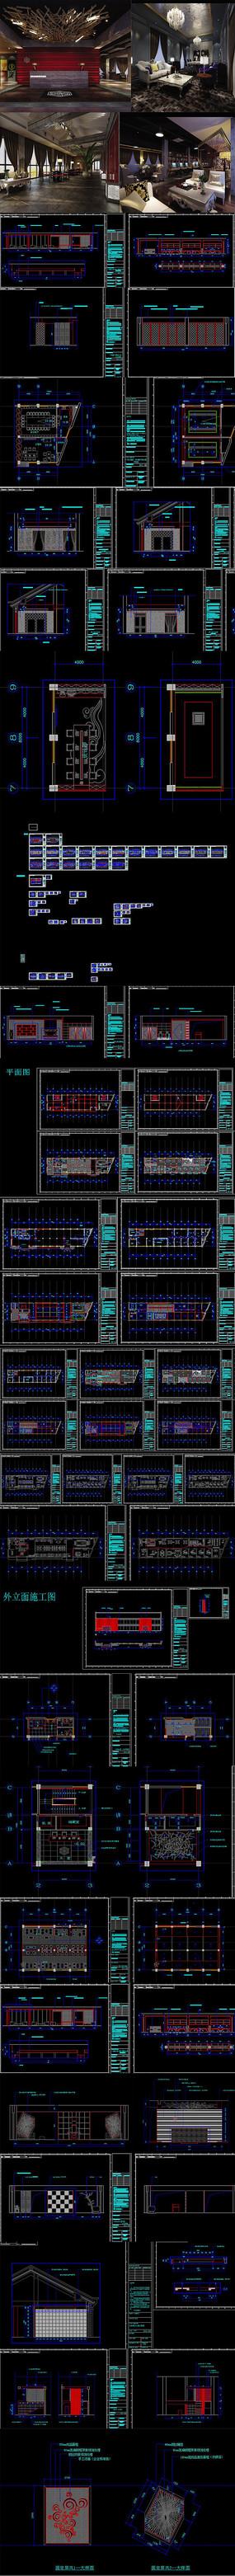 某装饰公司CAD施工图 效果图